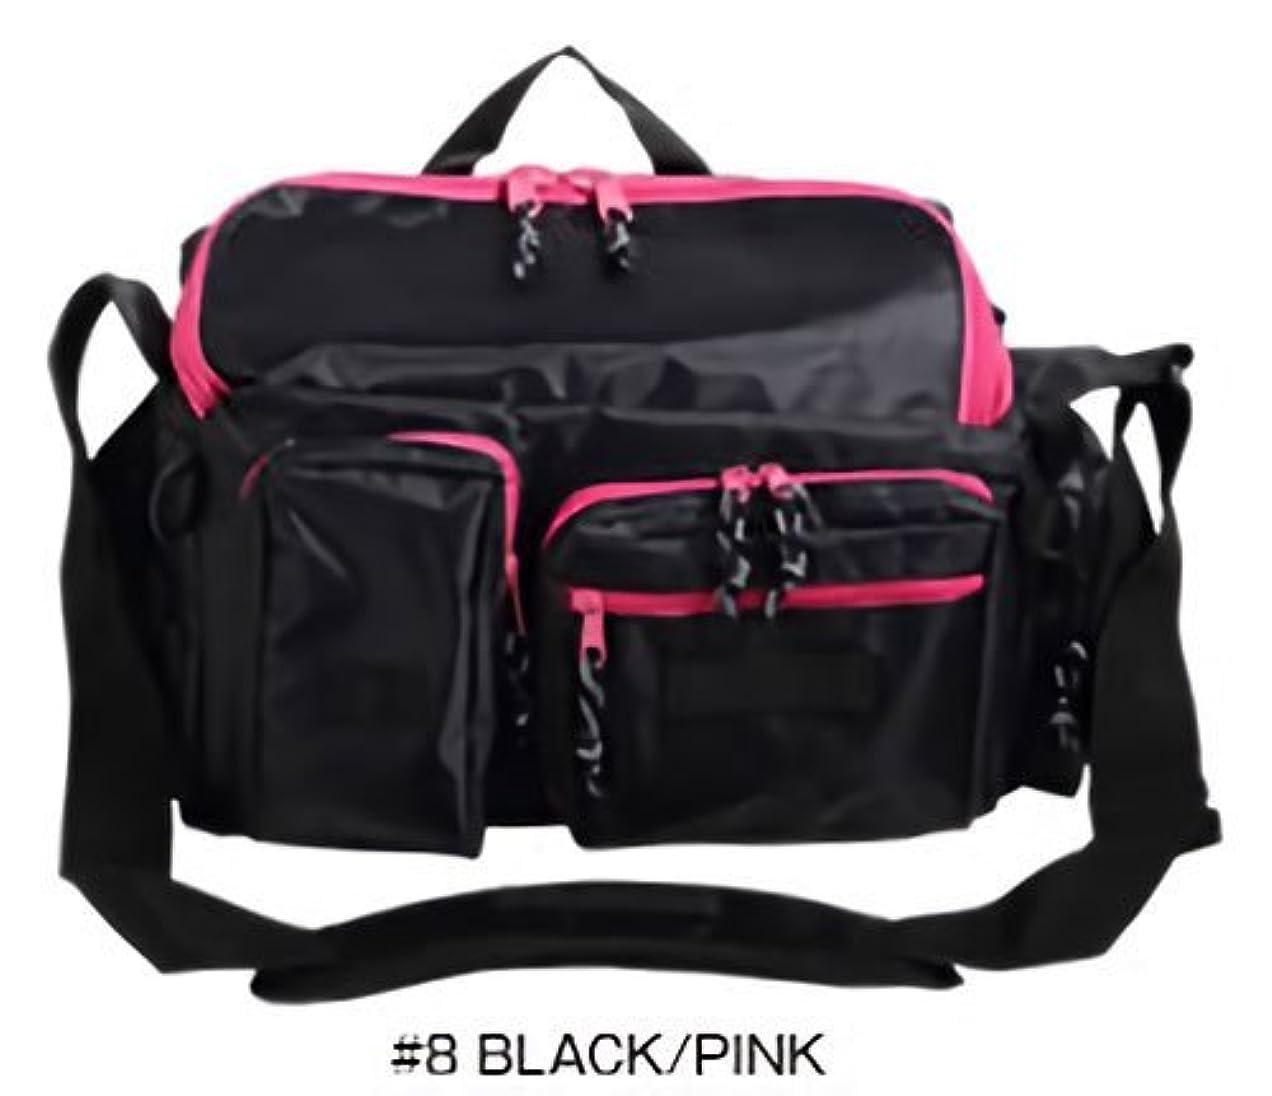 機関私達拒否コーモラン(CORMORAN) バッグ A.W.SHOULDER BAG #8 BLACK/PINK